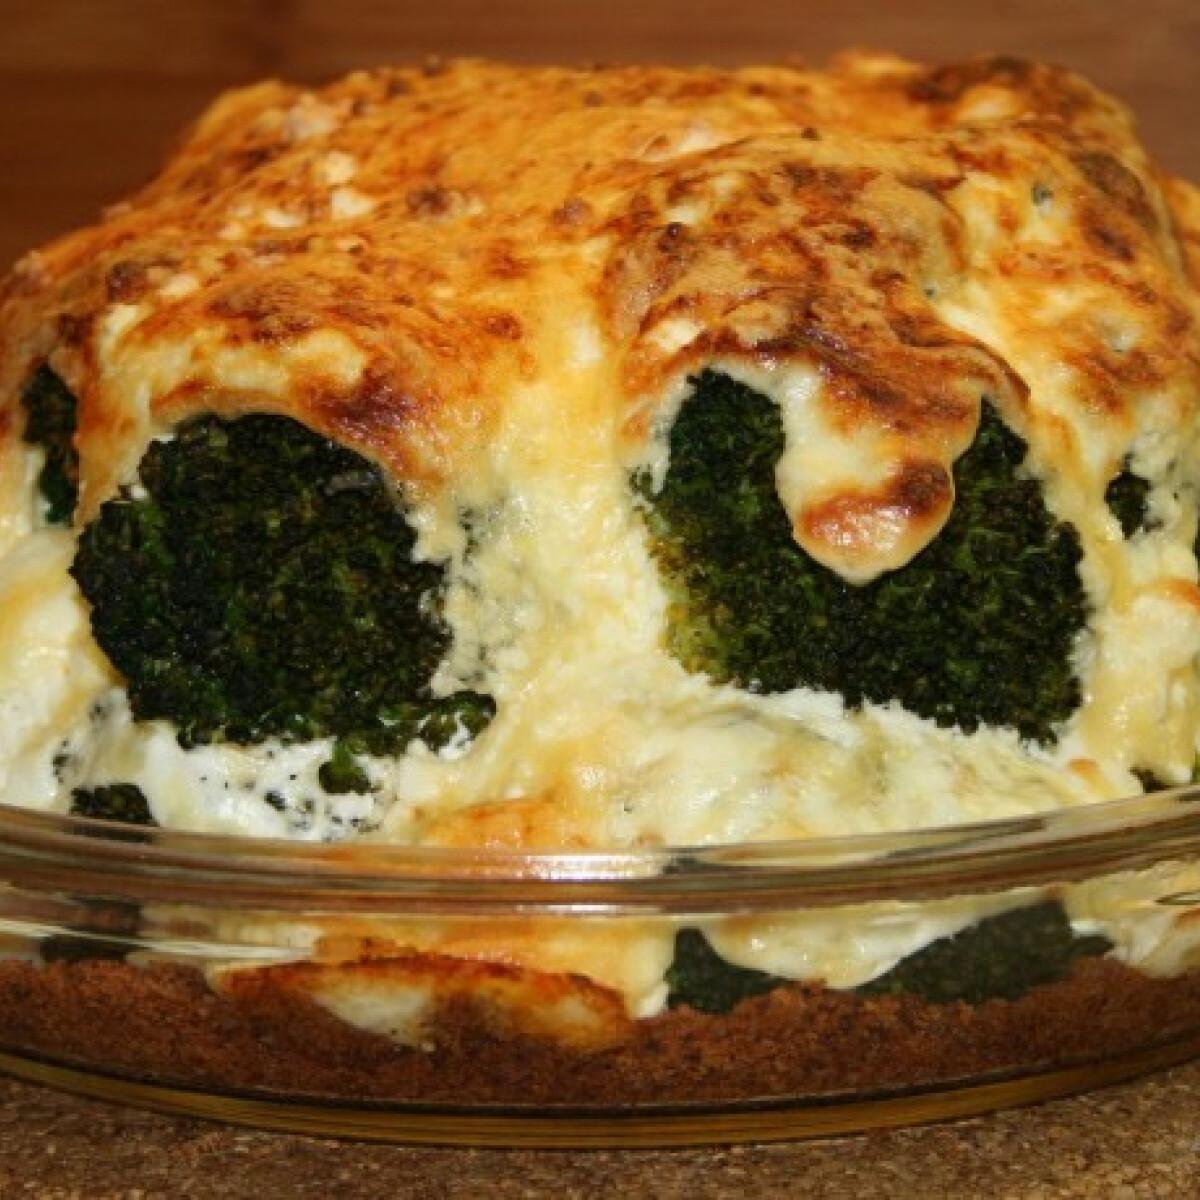 Ezen a képen: Brokkoli sajtkabátban csőben sütve